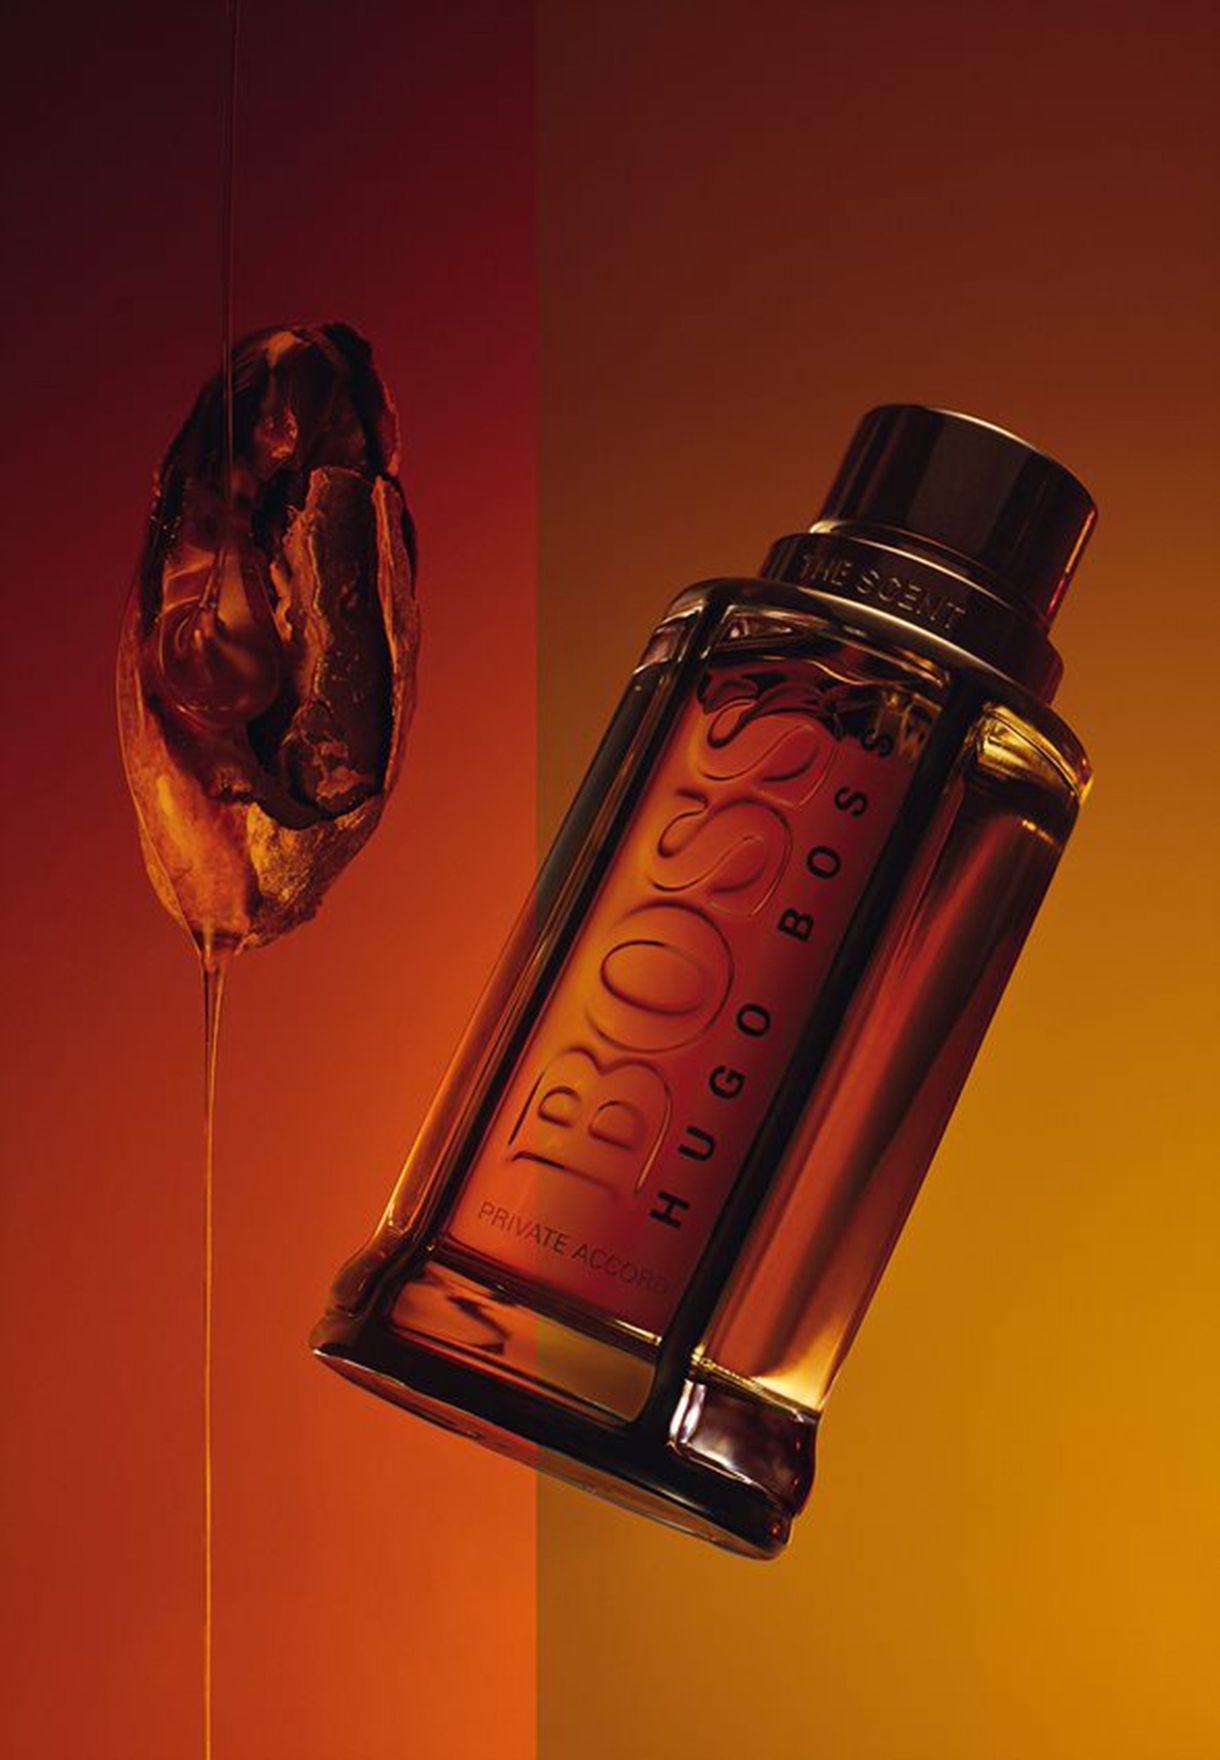 عطر ذا سينت برايفت أكورد للرجال أو دو تواليت 100 مل